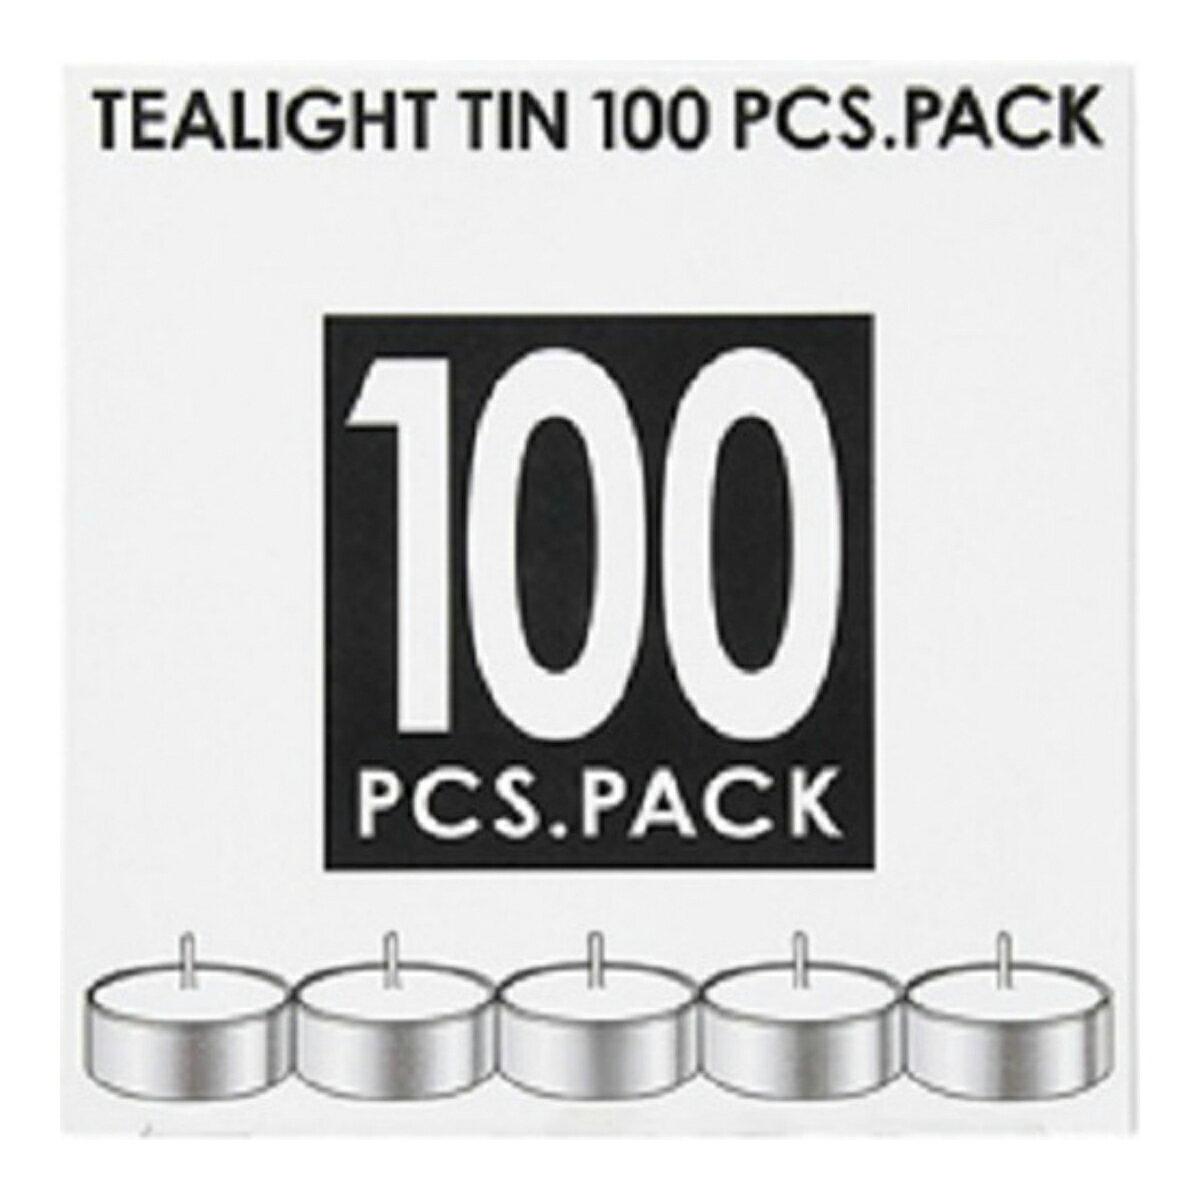 【送料無料】カメヤマ ティーライトティン 100個入 植物原料 ( パームオイル ) 50%配合 ( ろうそく キャンドル ) ( 4901435902586 )